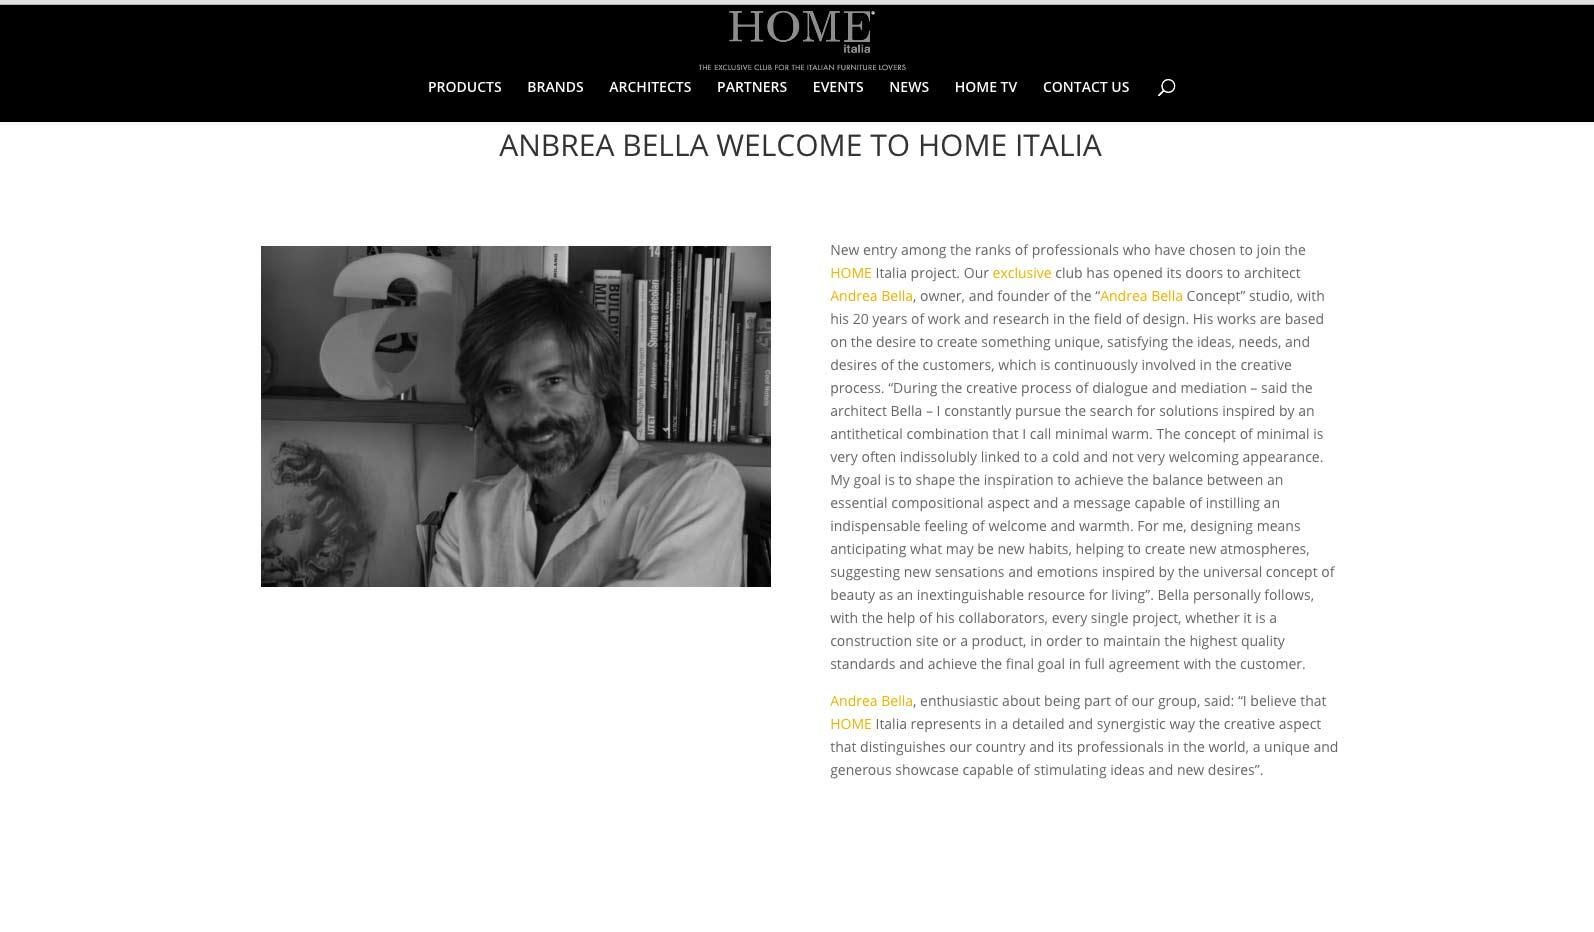 Andrea Bella Concept e Home Italia il club esclusivo per gli amanti dell'architettura e design Made in Italy